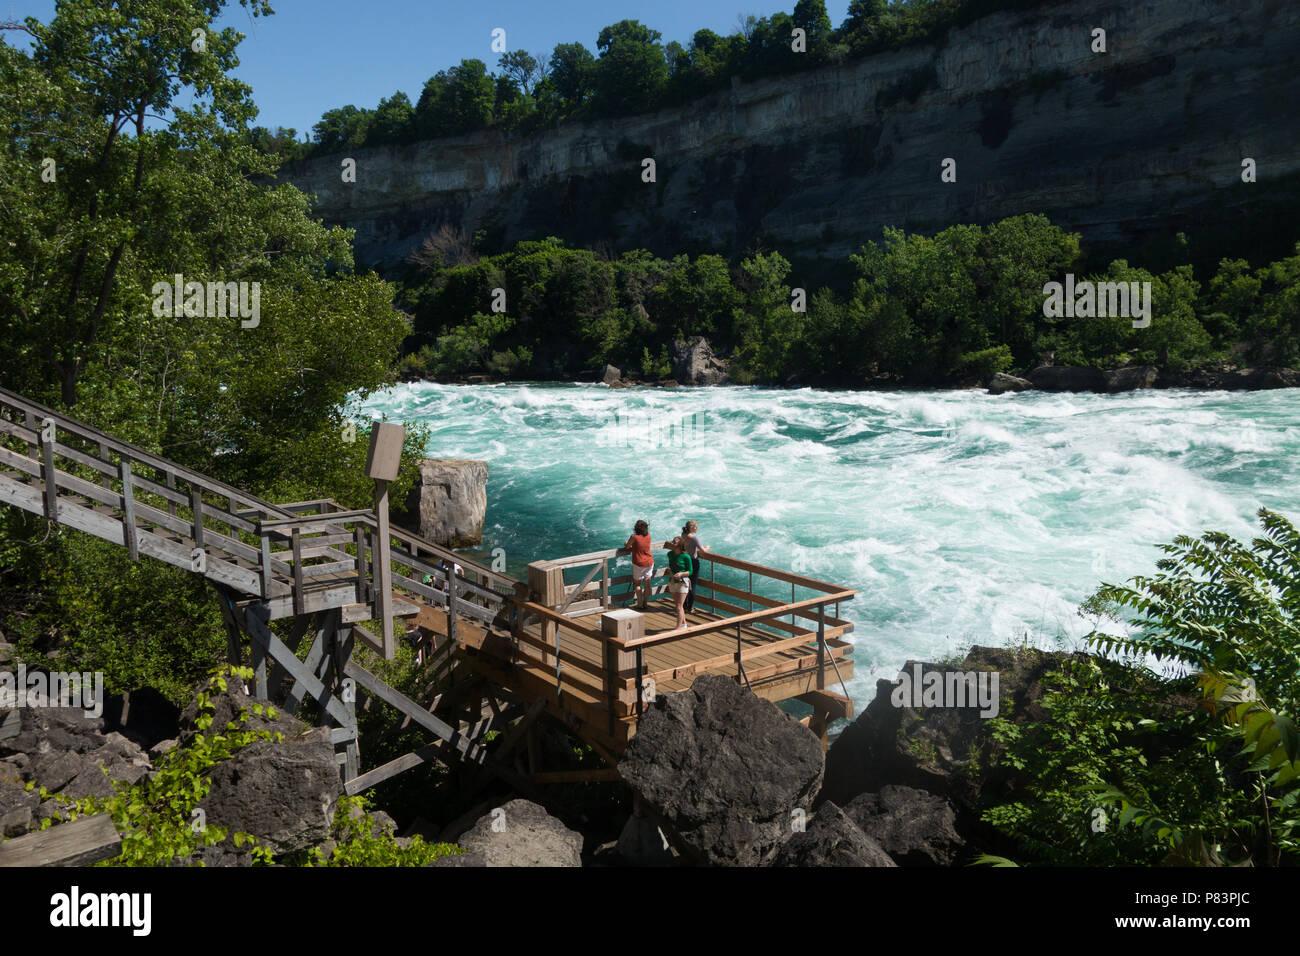 Der Niagara River Klasse 6 Wildwasser Stromschnellen, wie vom Weißen Wasser gesehen zu Fuß Attraktion in der Niagara Schlucht am Niagara Falls, Ontario, Kanada Stockbild